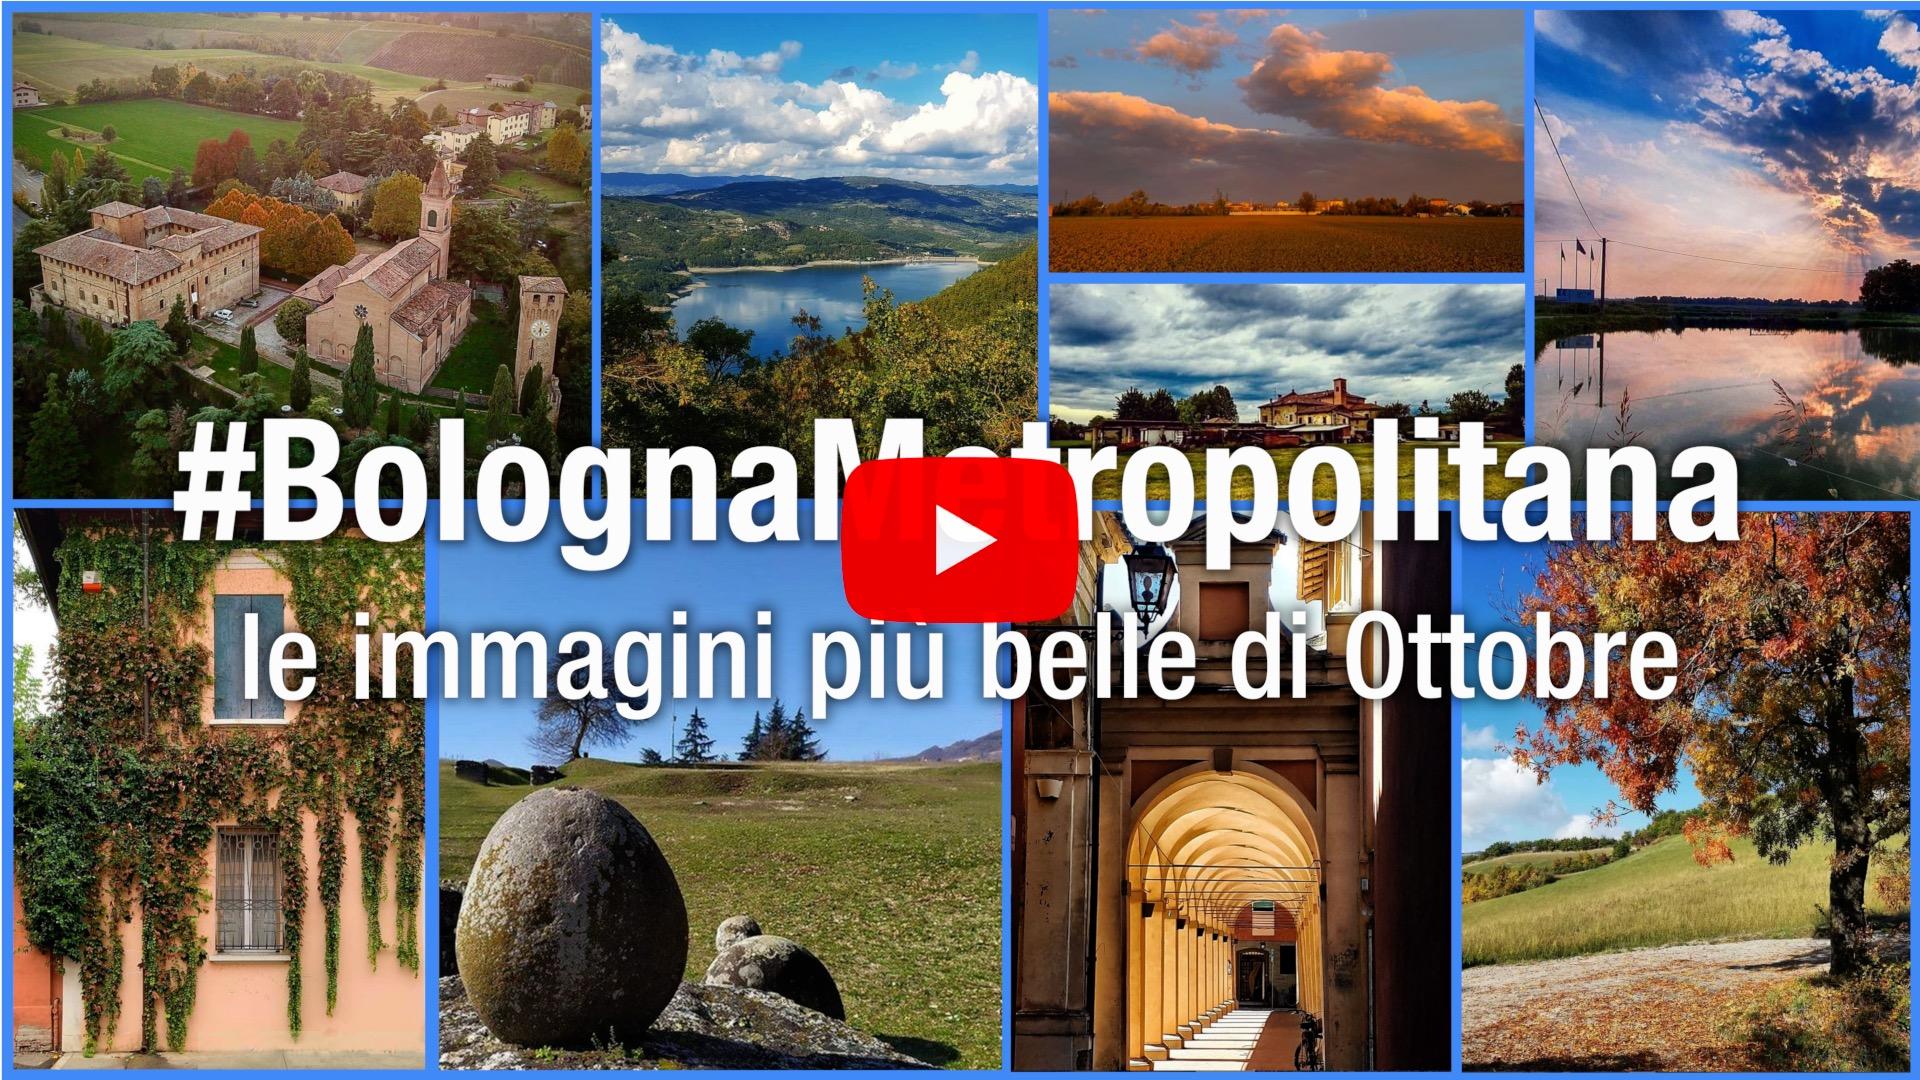 #BolognaMetropolitana - Le immagini più belle di ottobre 2020